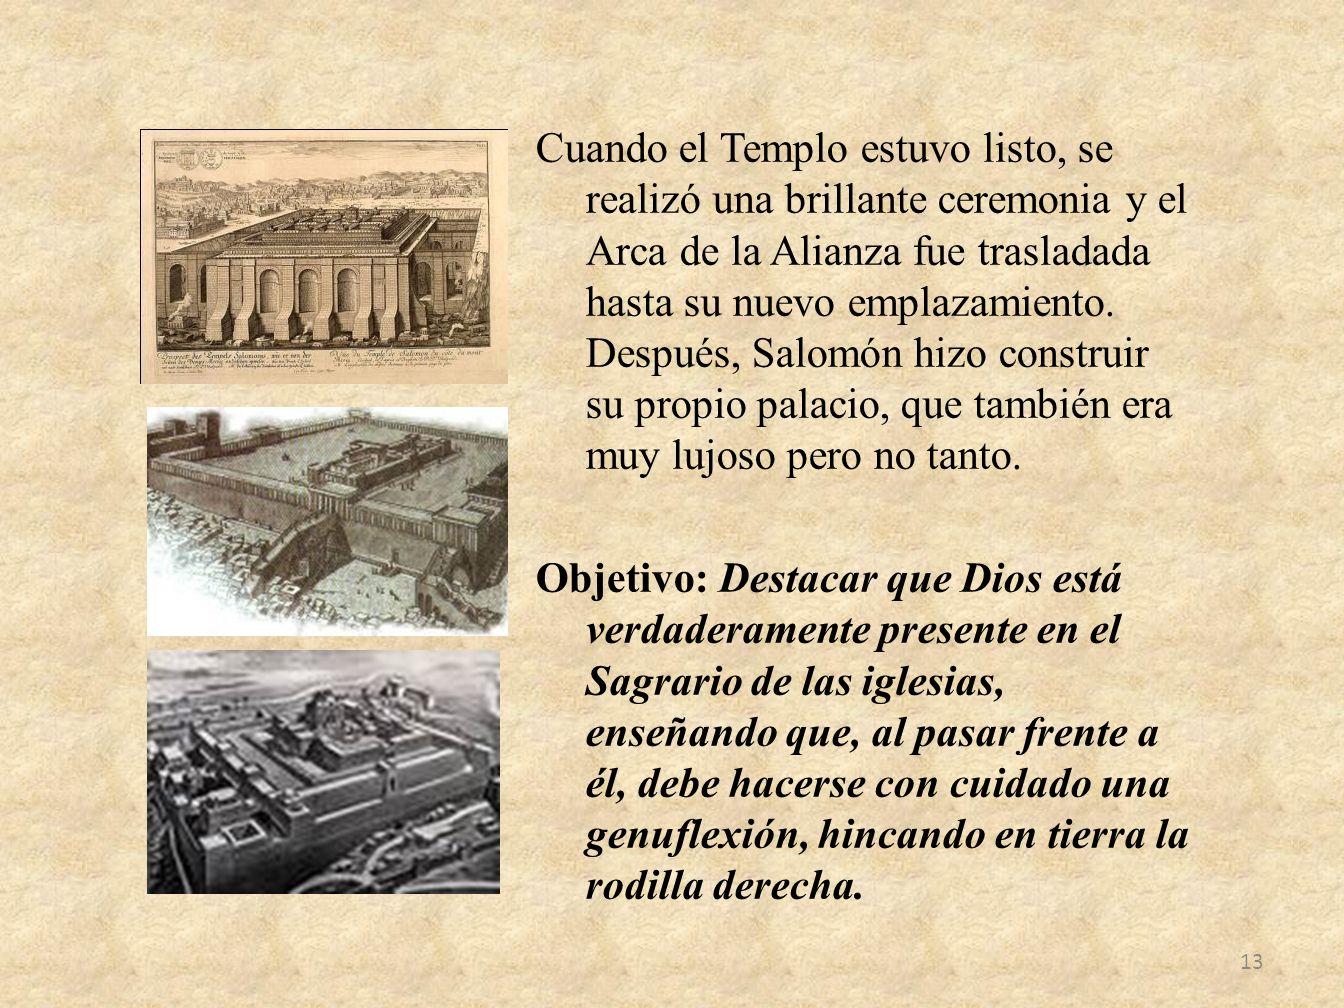 Cuando el Templo estuvo listo, se realizó una brillante ceremonia y el Arca de la Alianza fue trasladada hasta su nuevo emplazamiento. Después, Salomó